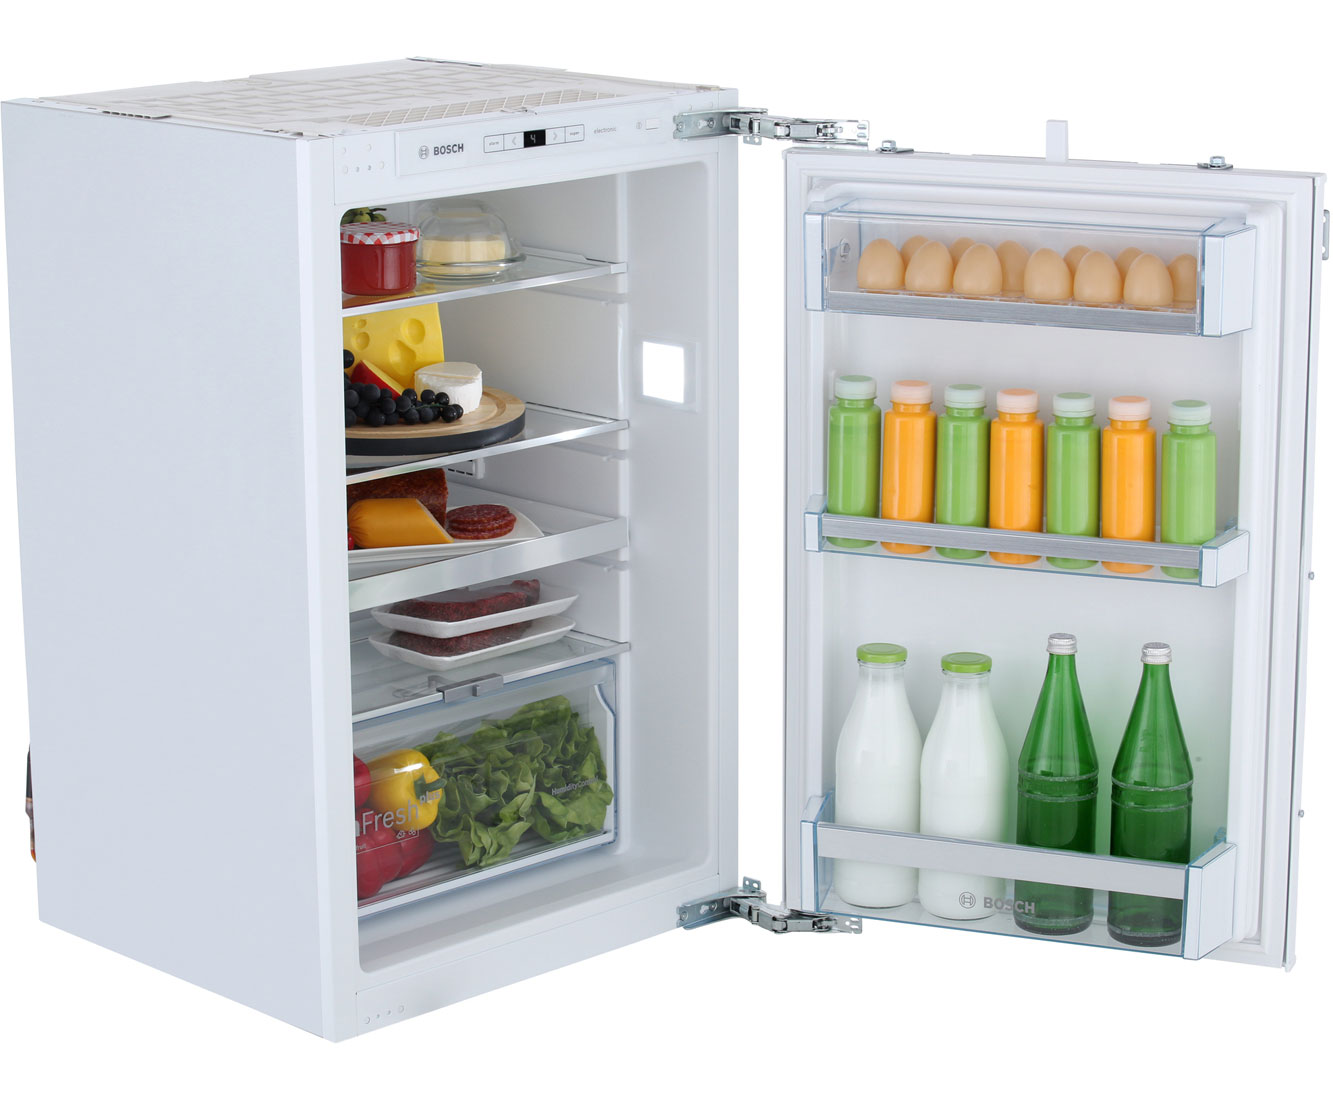 Amerikanischer Kühlschrank Expert : Kühlschrank günstig kühlschrank mit weinfach elegant liebherr